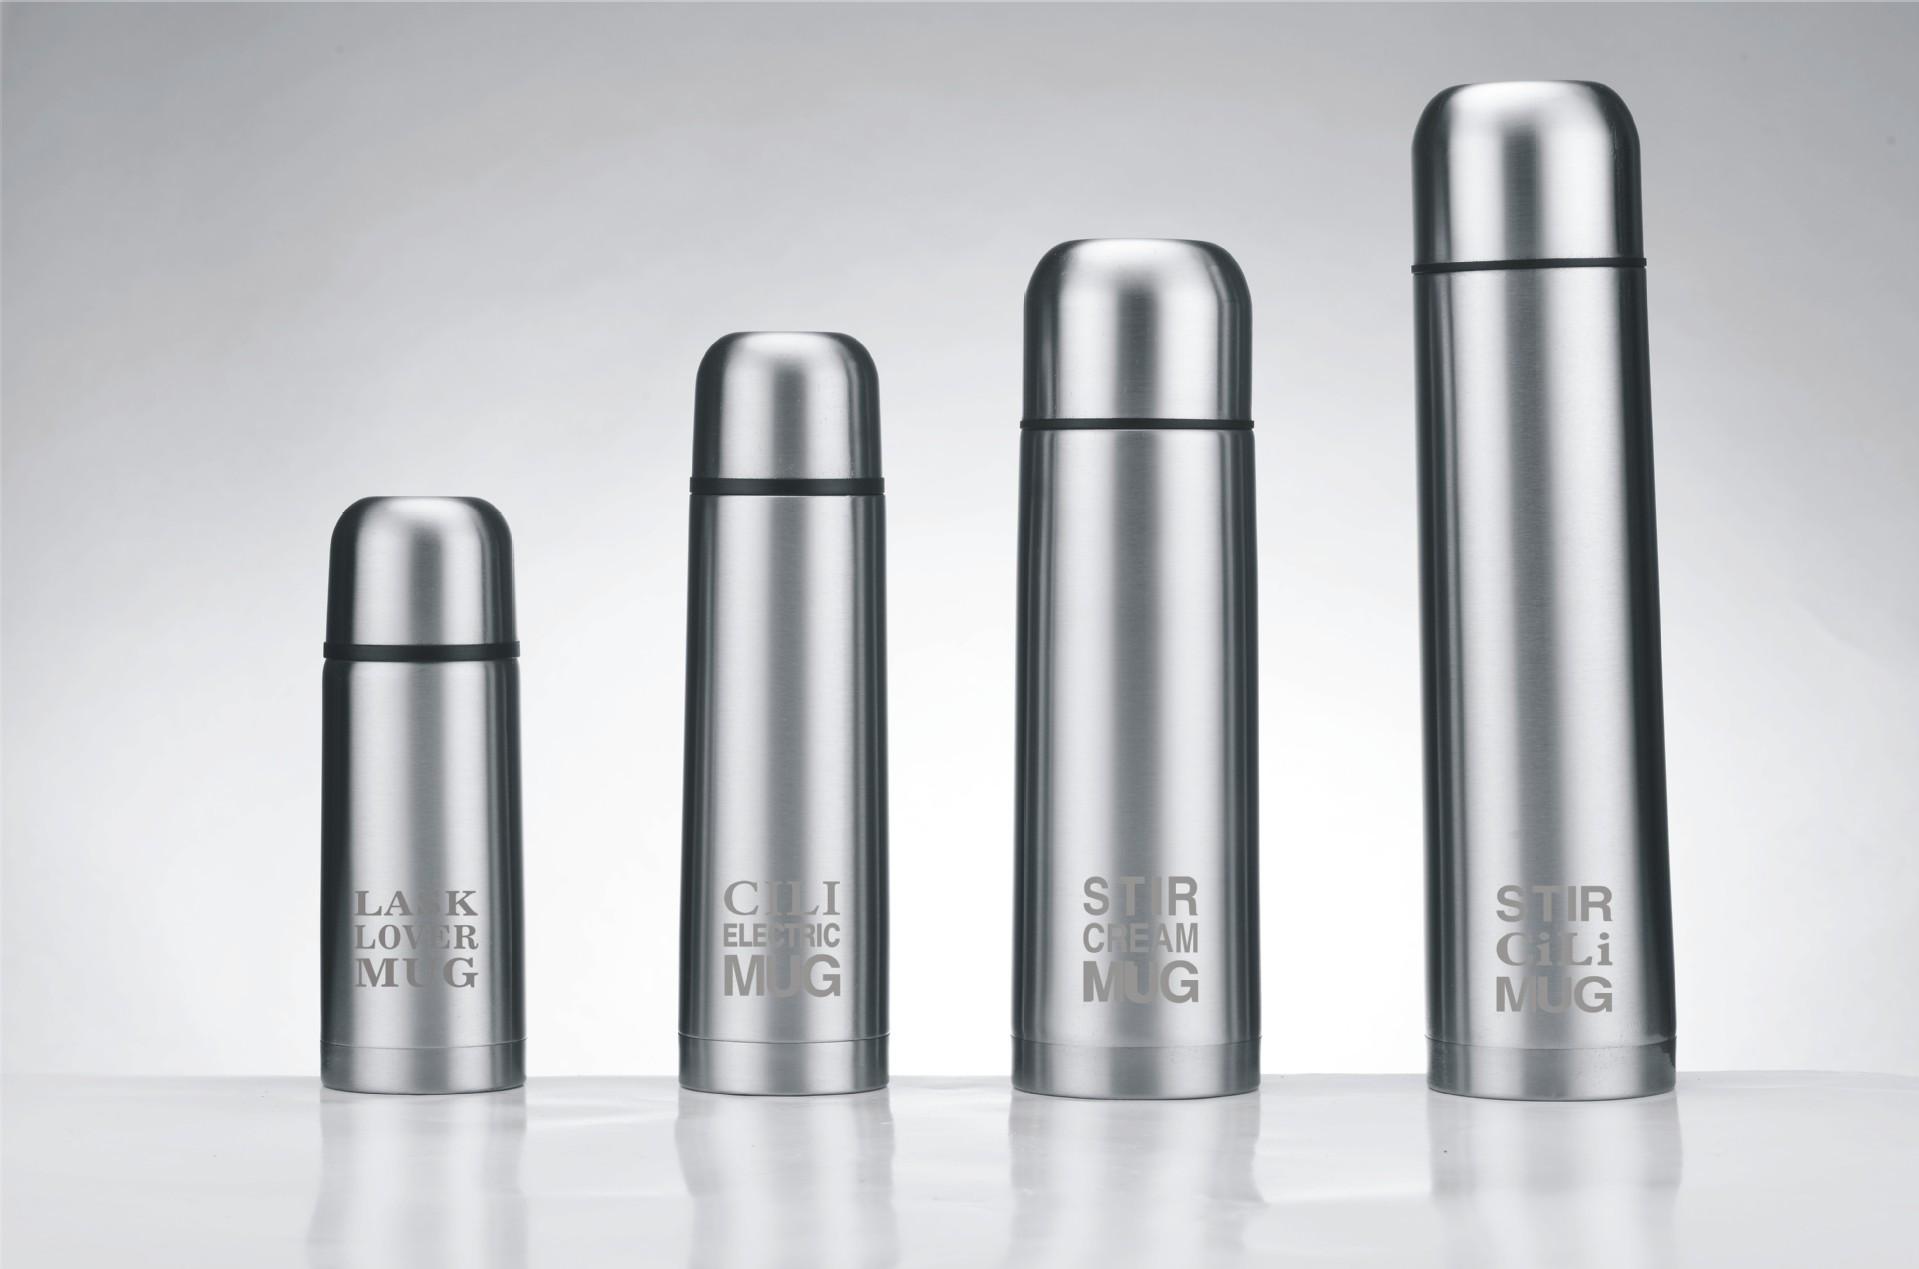 厂价供应不锈钢杯保温杯 礼品批发 子弹头杯加工定制印刷专版LOGO